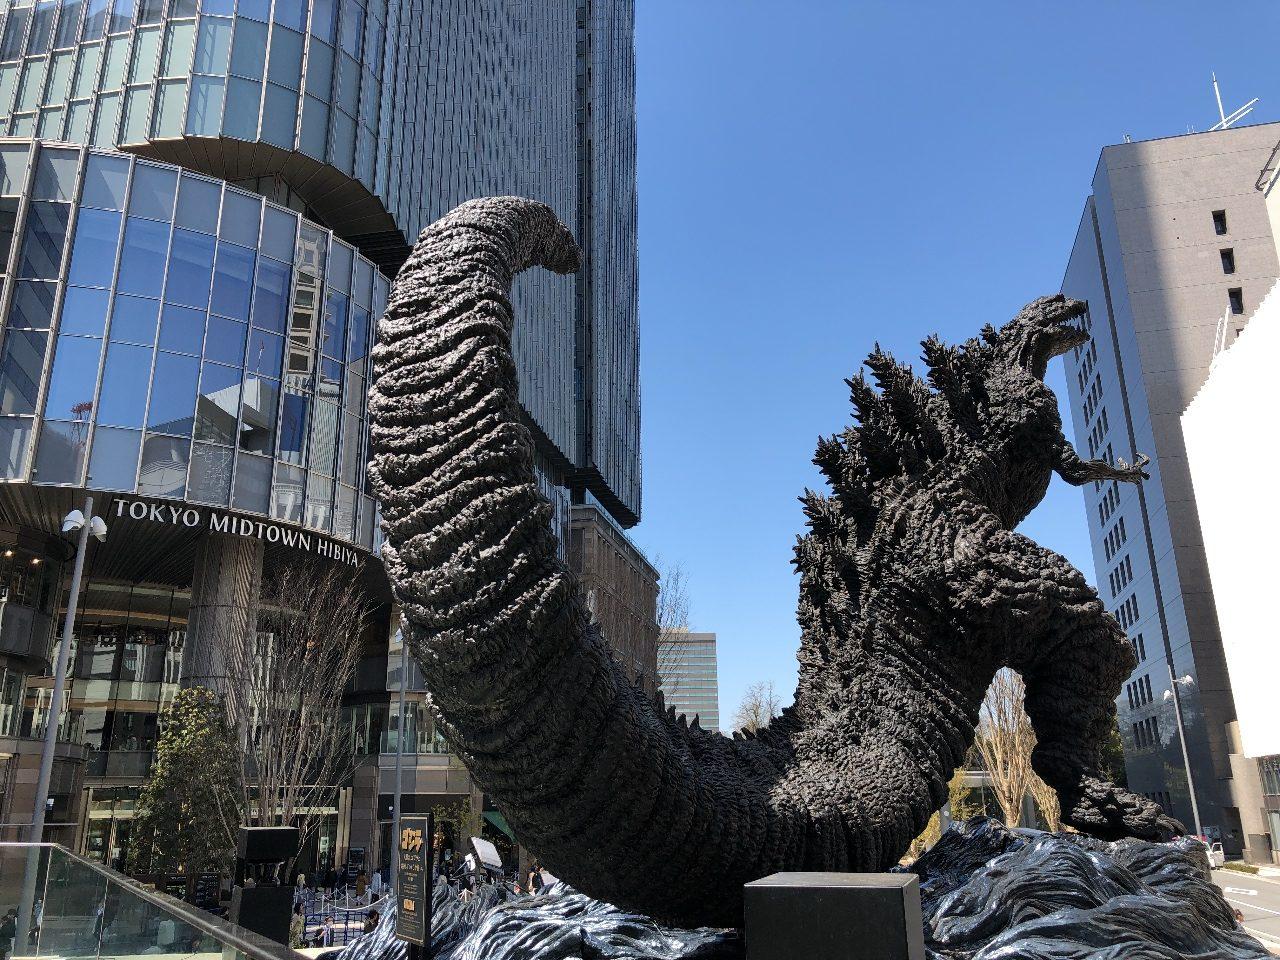 「シン・ゴジラ」「ゴジラ」が、「東京ミッドタウン日比谷」よりも一番印象的だった件